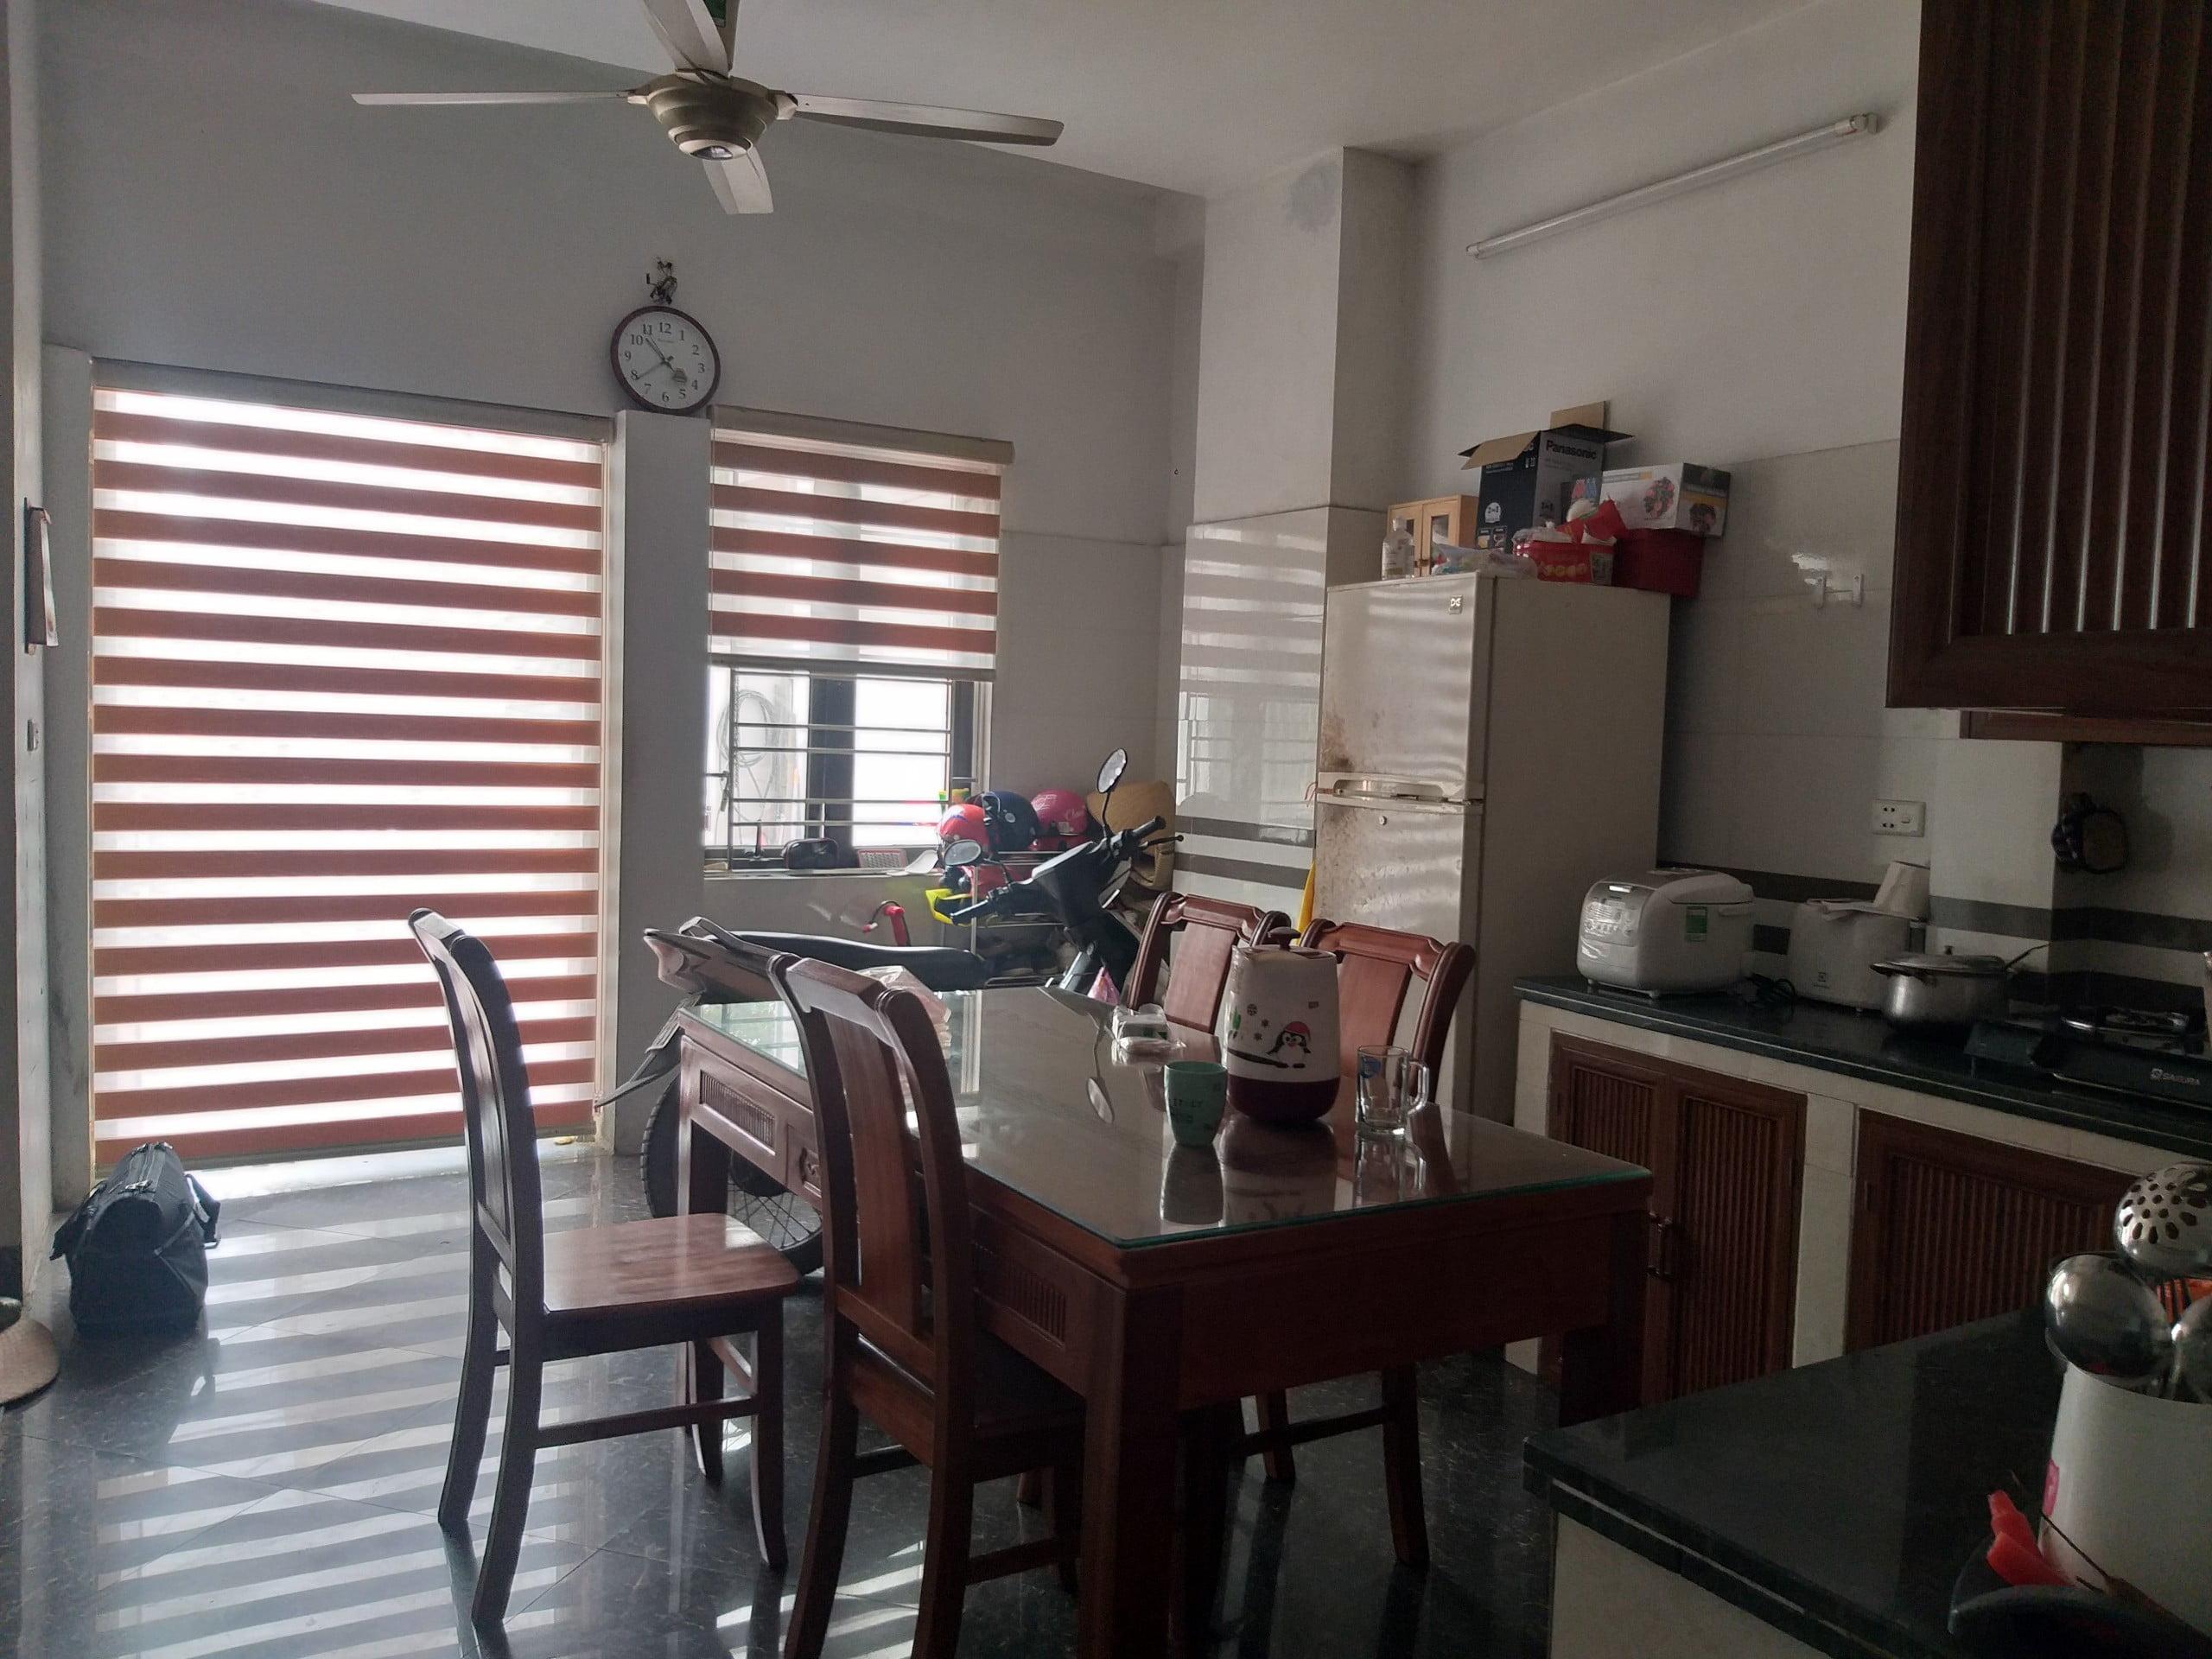 Hình ảnh lắp đặt rèm cầu vồng cho phòng bếp nhà chị Thiếp tại Cao Thắng, Hạ Long